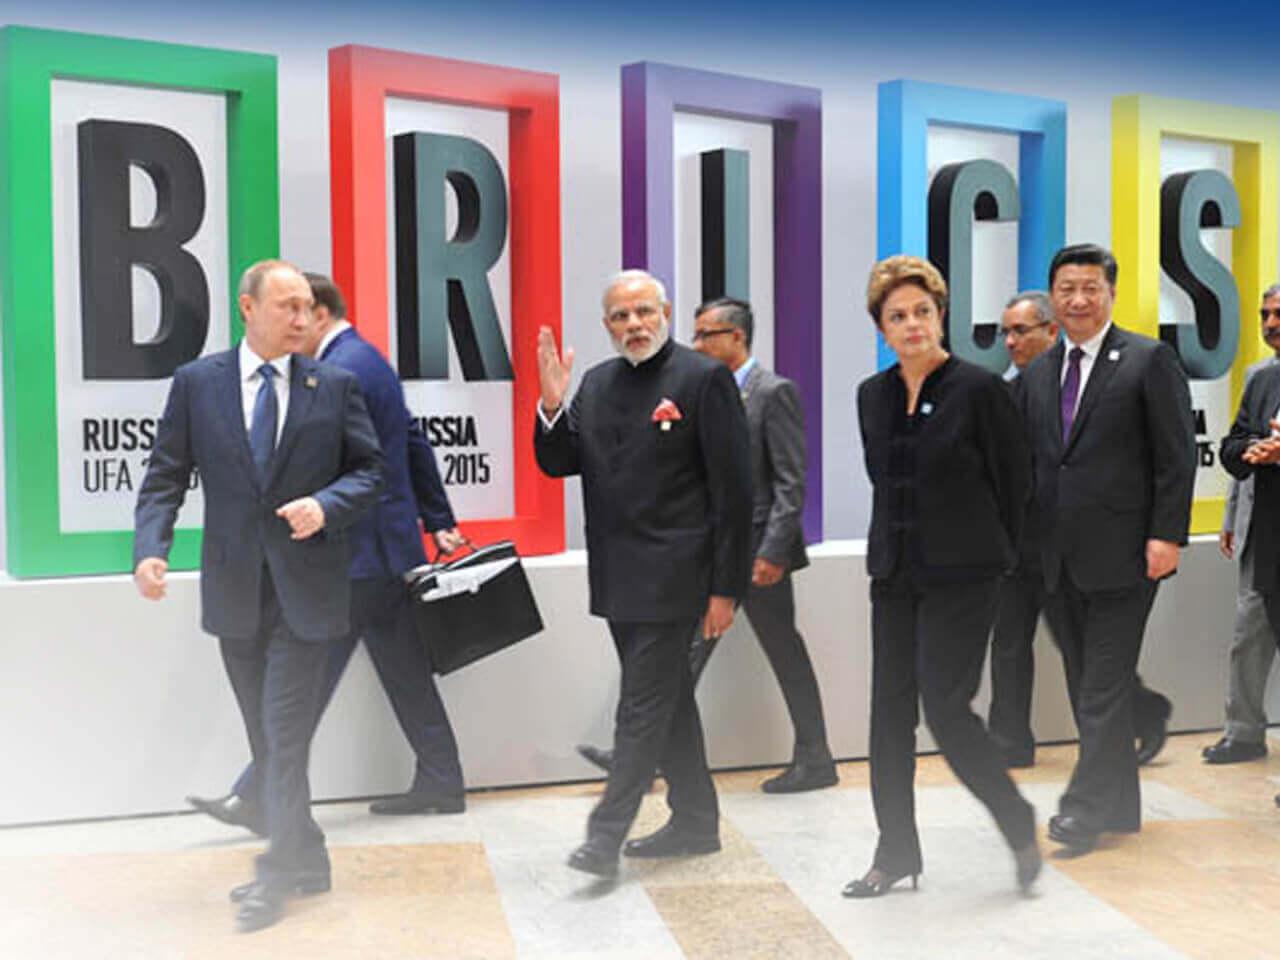 Çin'den BRICS ülkelerine işbirliği çağrısı